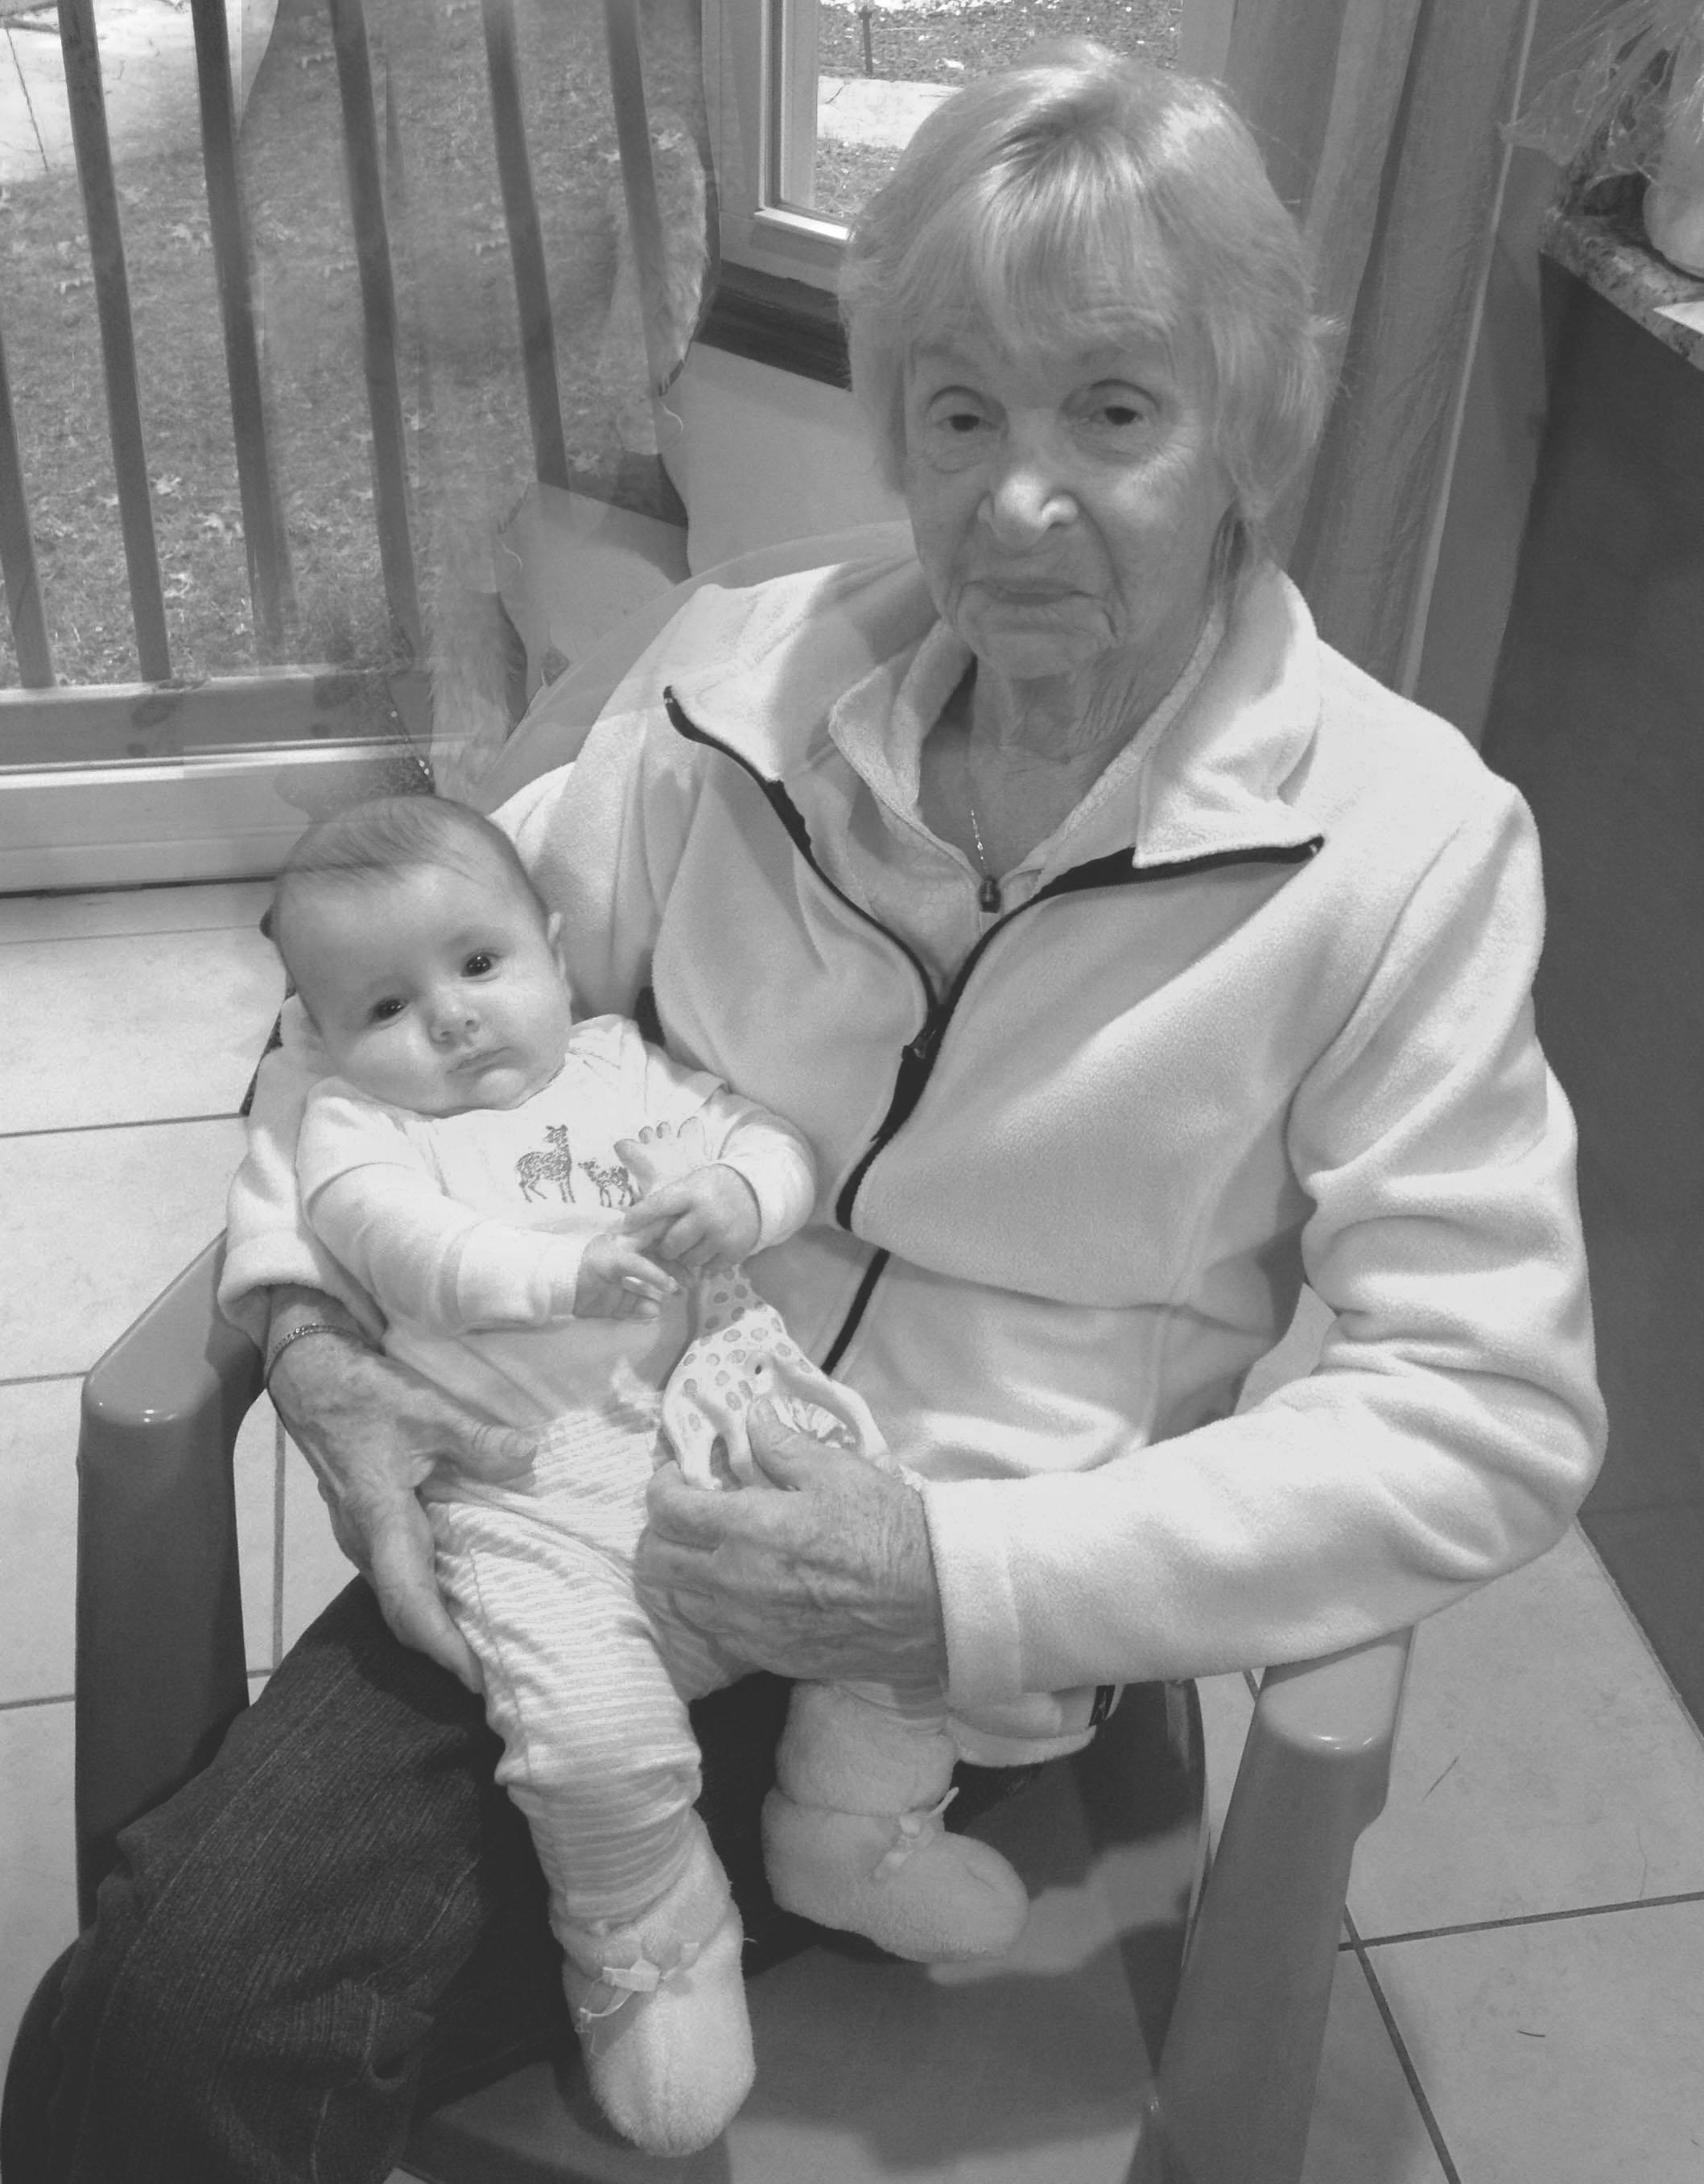 grandma and baby.jpg